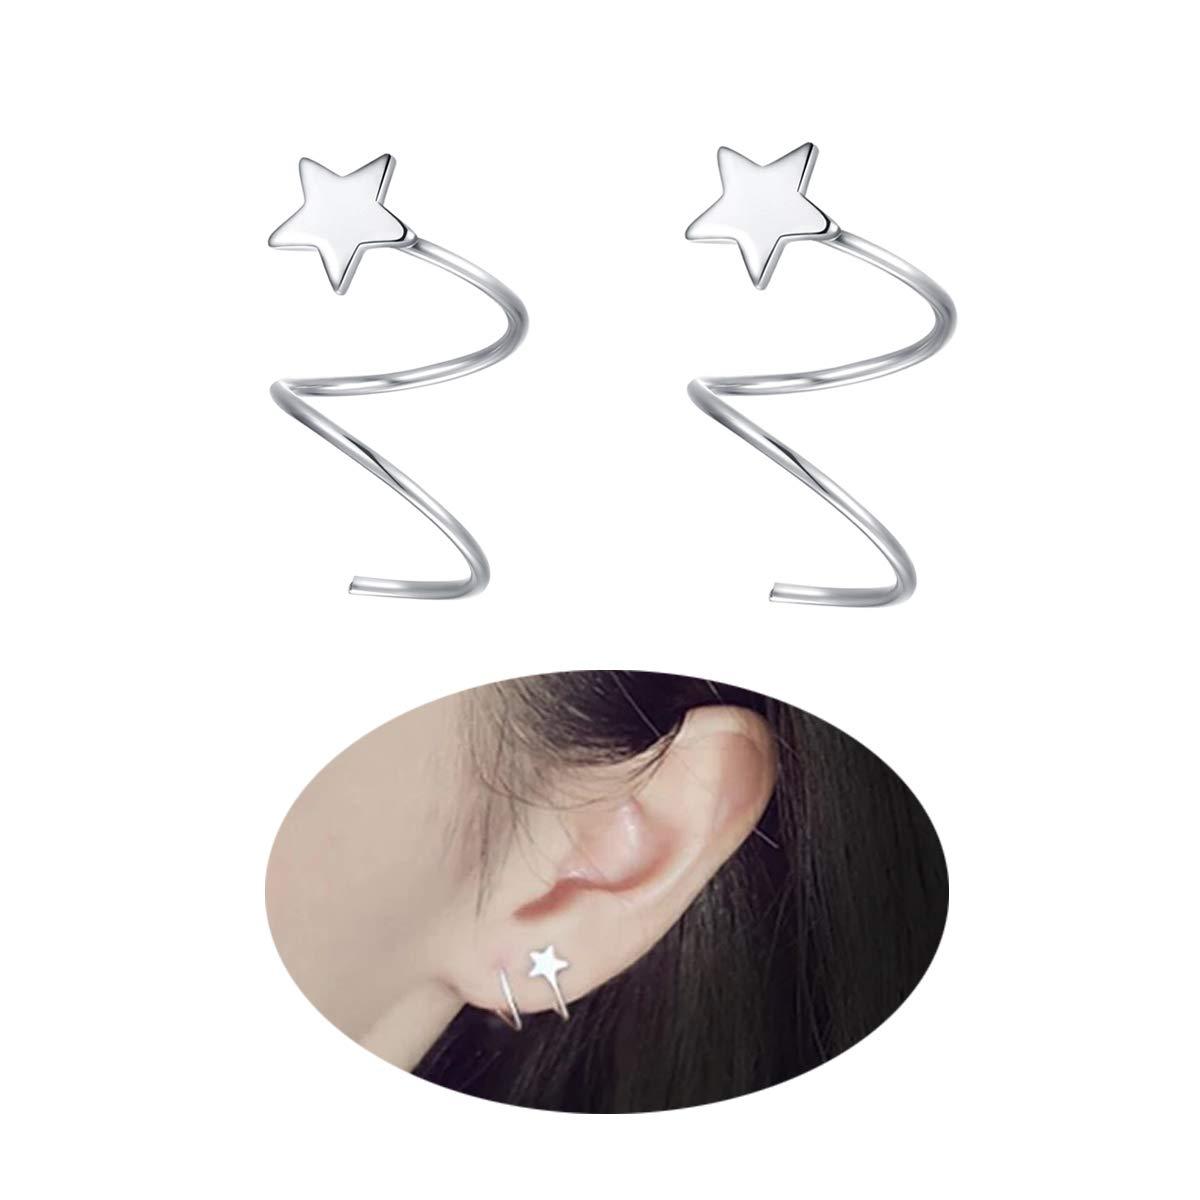 FarryDream 925 Sterling Silver Star Earrings Women Teen Girls Fashion Wrap Earrings SSE004+GiftBag